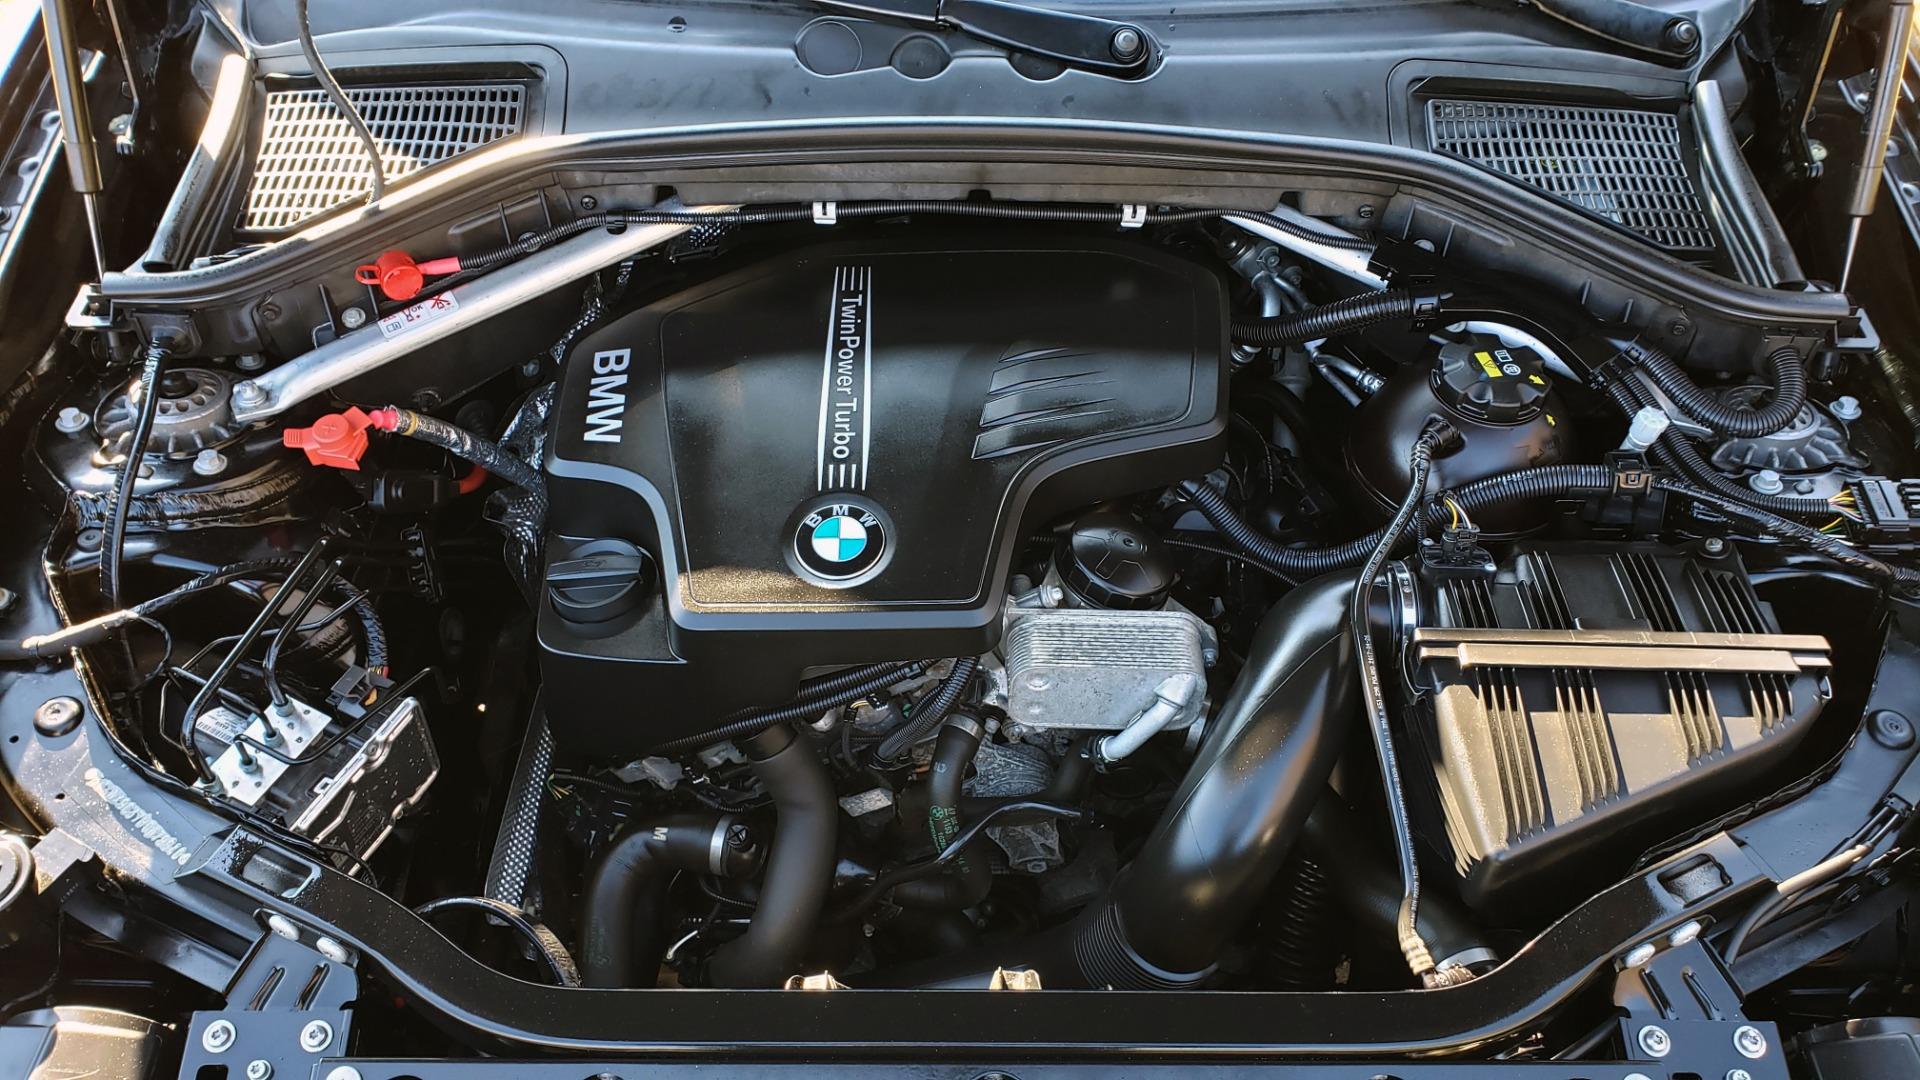 Used 2017 BMW X3 XDRIVE28I / PREM PKG / NAV / DRVR ASST / HTD STS / CAMERAS for sale Sold at Formula Imports in Charlotte NC 28227 24